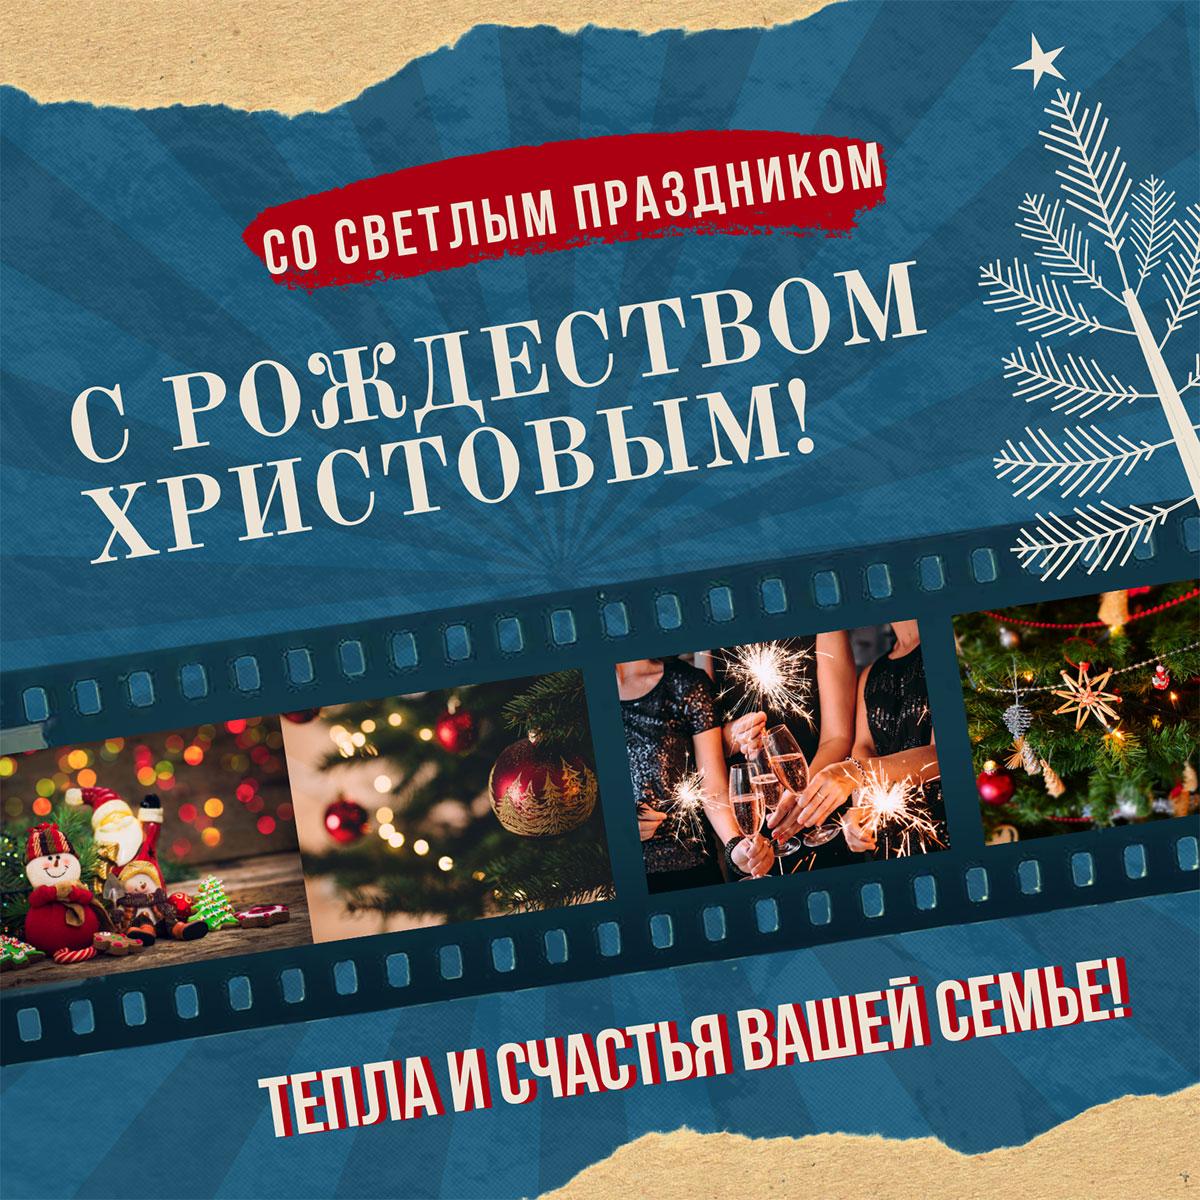 Картинка с текстом - открытка с рождеством христовым с кадрами праздника на фото плёнке.